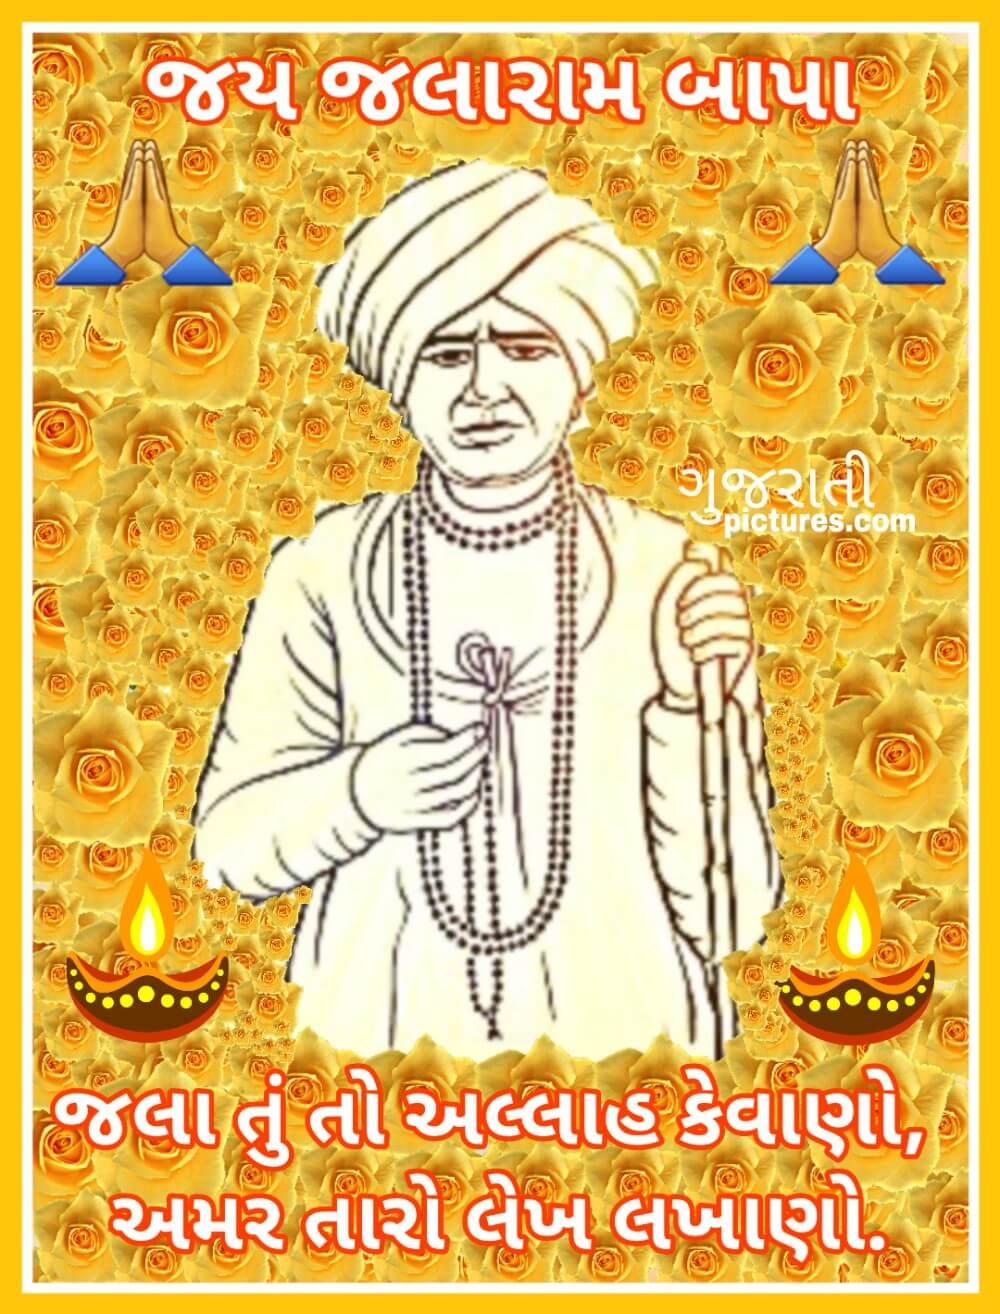 Jala tu toh Allah kevano - GujaratiPictures.com